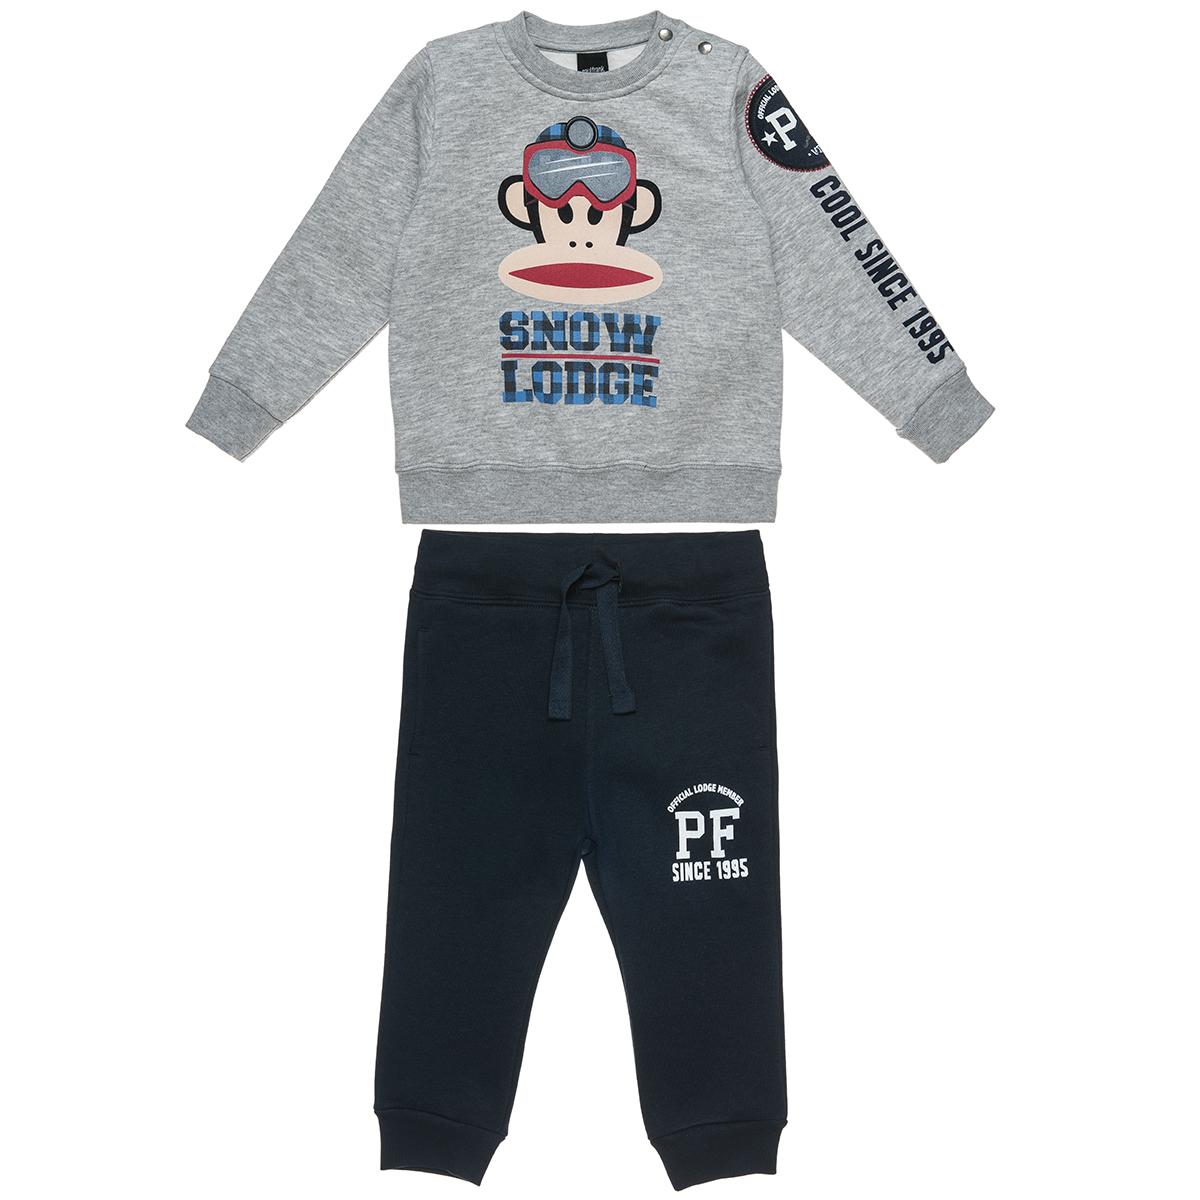 Σετ Φόρμας Paul Frank μπλούζα μελανζέ και παντελόνι με λάστιχο (Αγόρι 12 μηνών-5 ετών) 00330406 - ΓΚΡΙ ΜΕΛΑΝΖΕ - 4003-0208/3/234/172